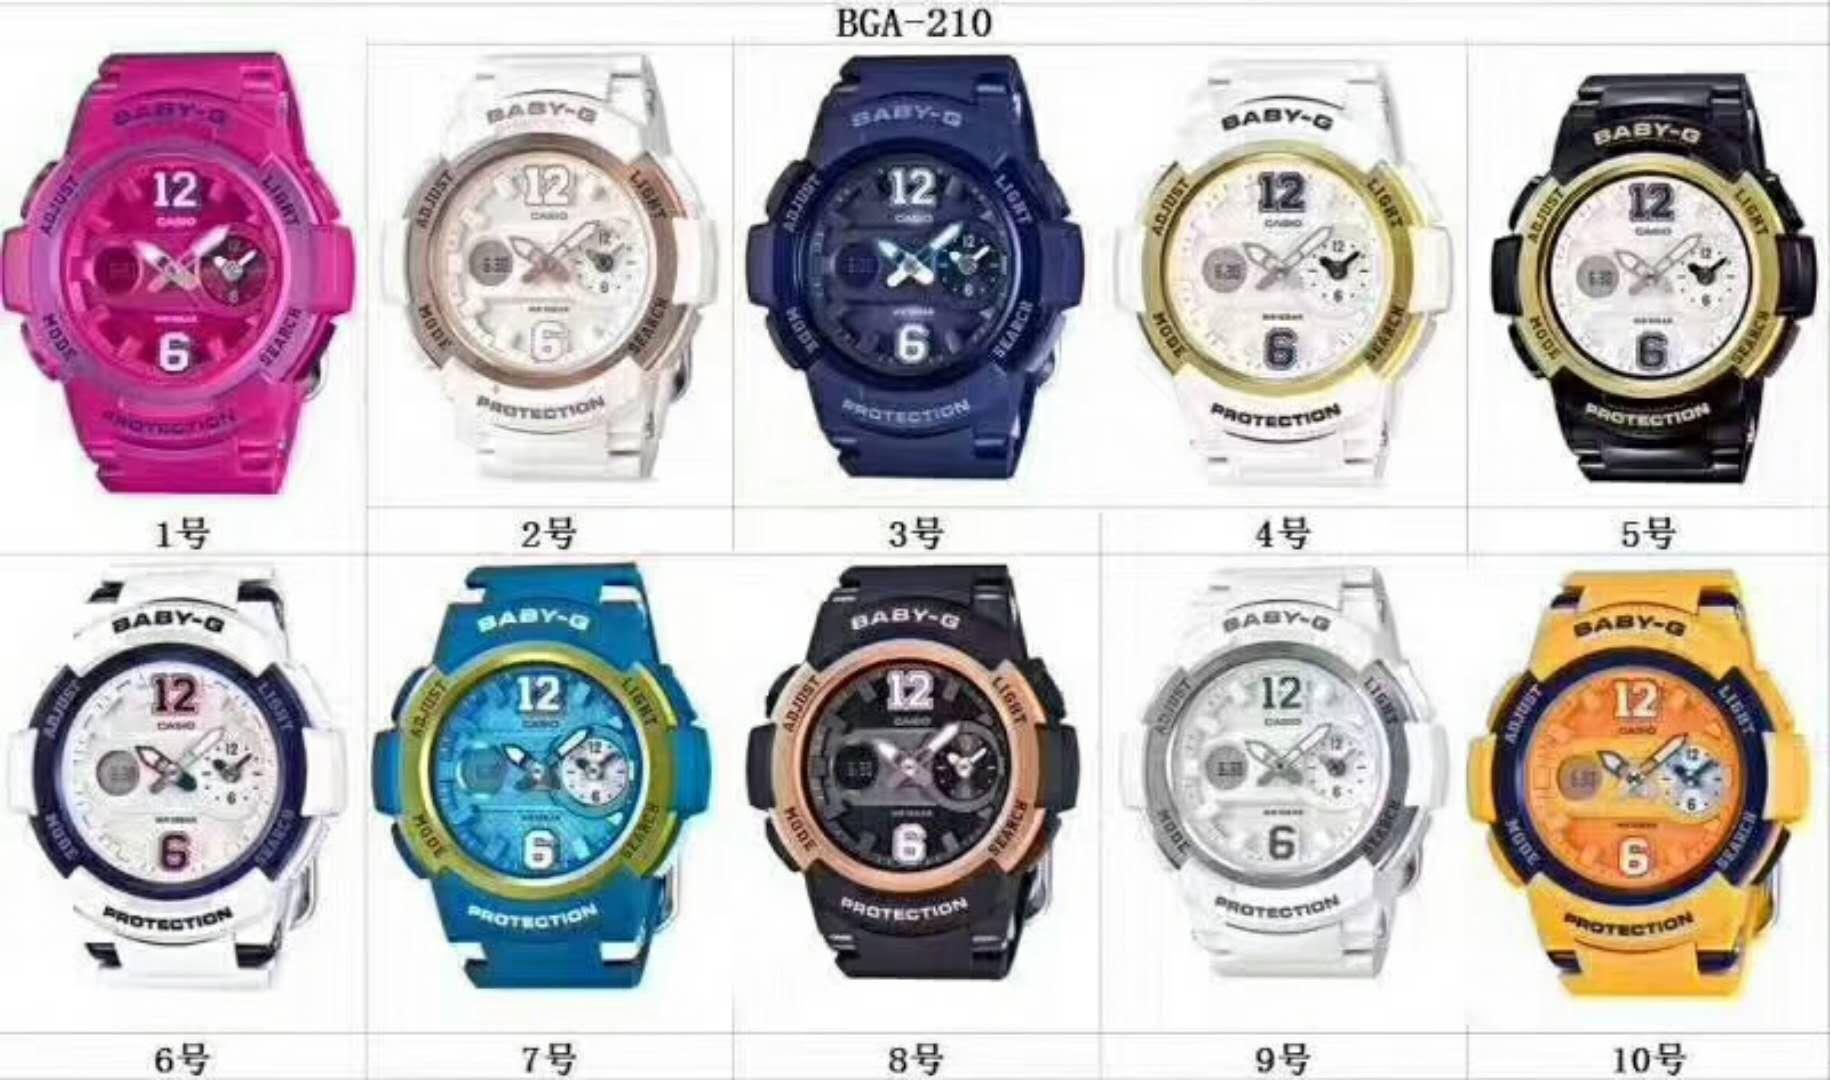 CASIO卡西欧手表价格,CASIO卡西欧手表定做,CASIO卡西欧手表批发